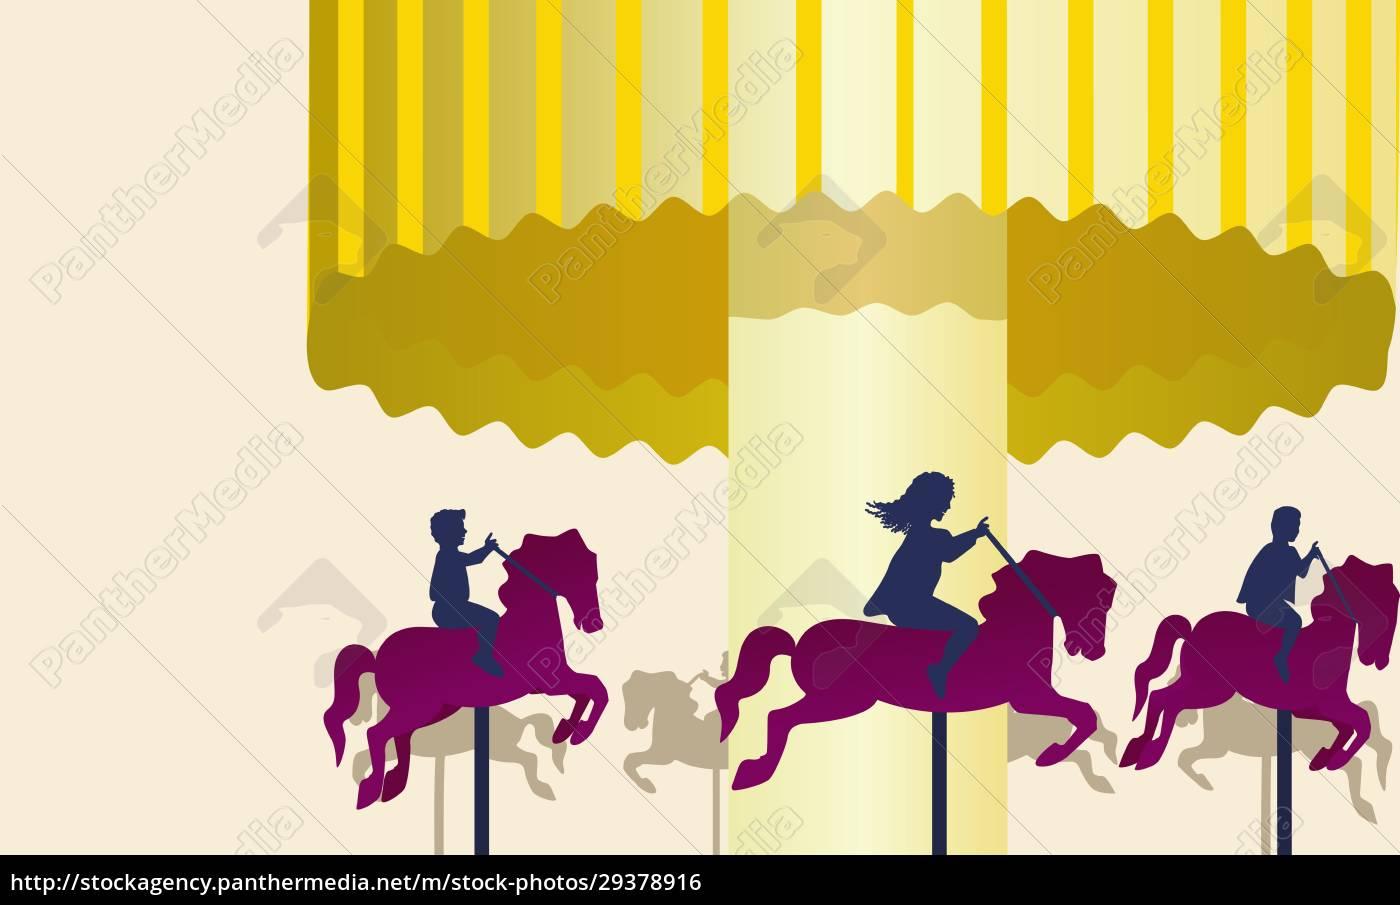 drei, personen, reiten, auf, karussellpferden - 29378916